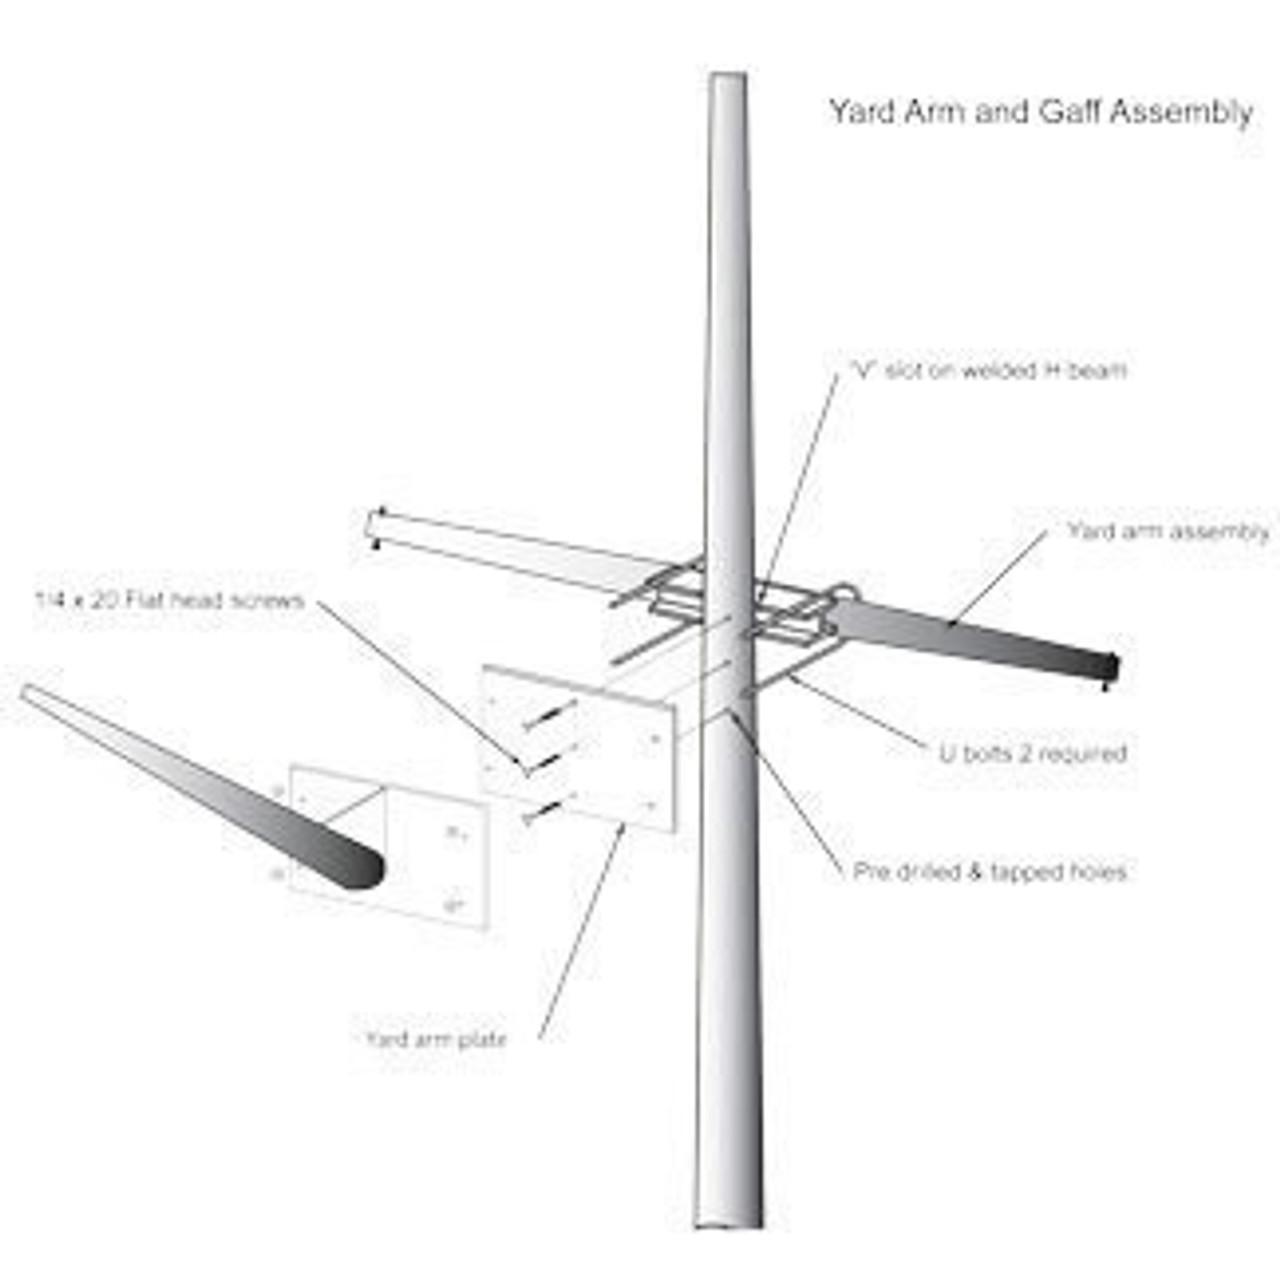 45' Nautical Flagpole w/ Yardarm, Gaff & Collar (ECP45YG)